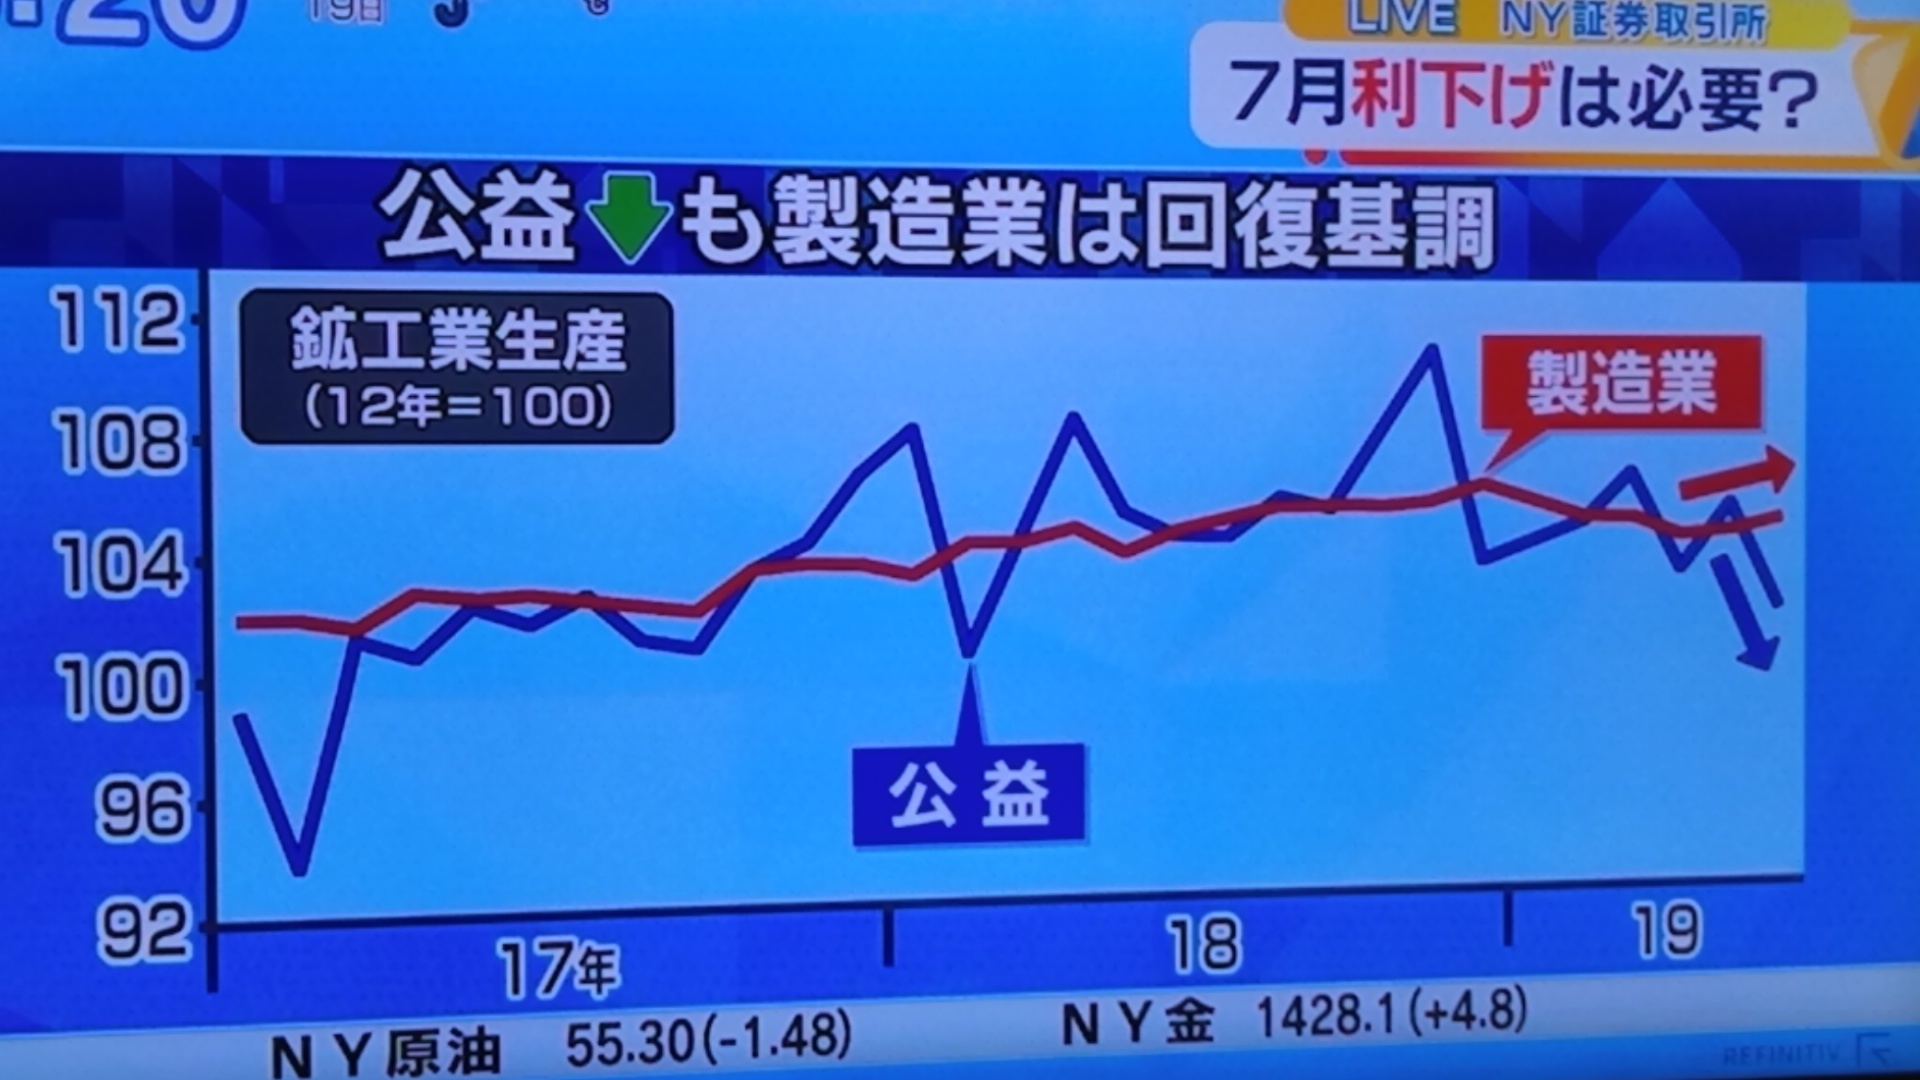 米の製造業は回復基調_d0262085_08384102.jpg